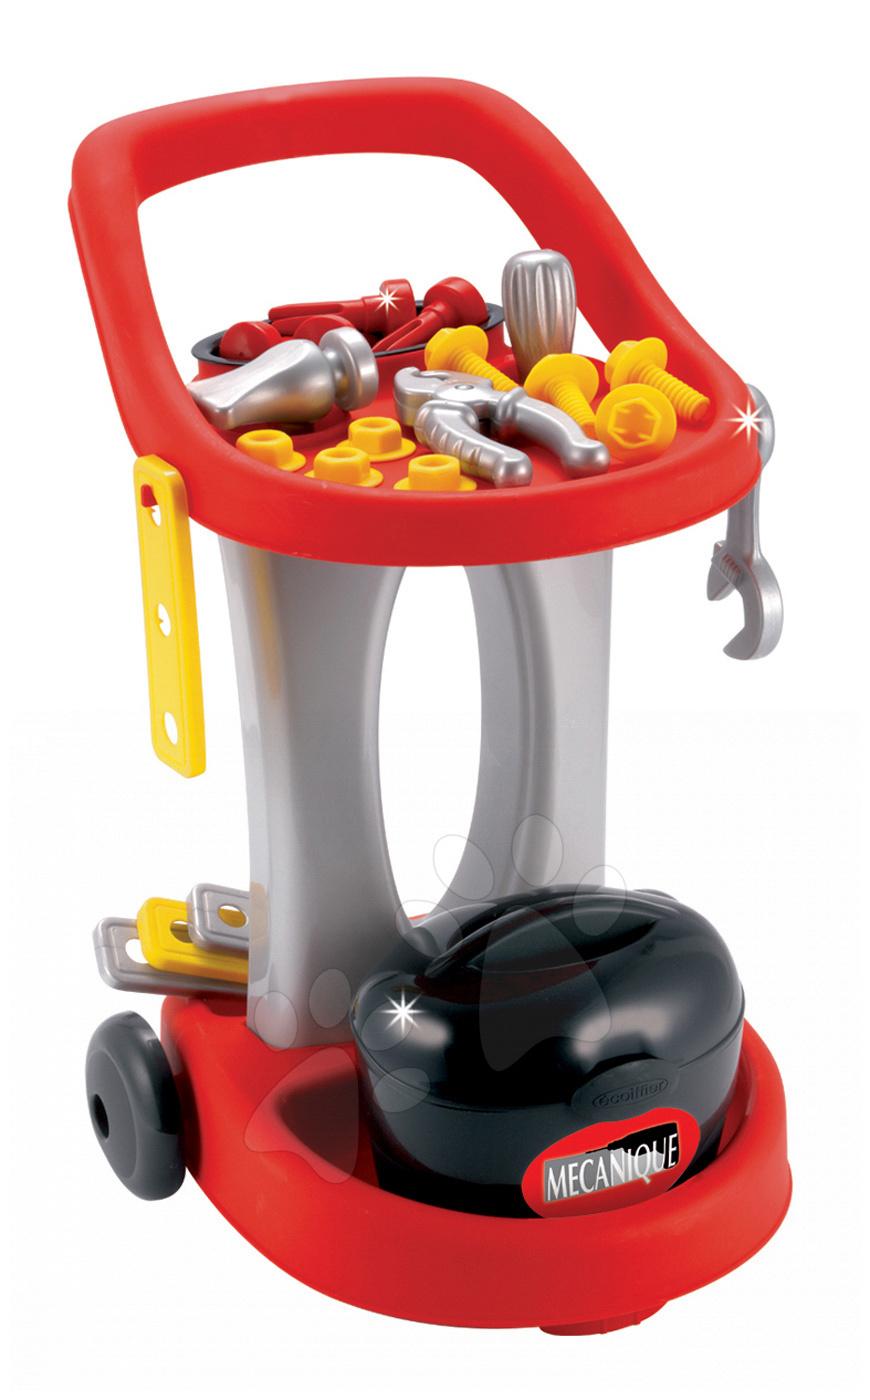 Pracovní dětská dílna - Pracovní vozík Mecanique Écoiffier s 18 doplňky od 24 měsíců